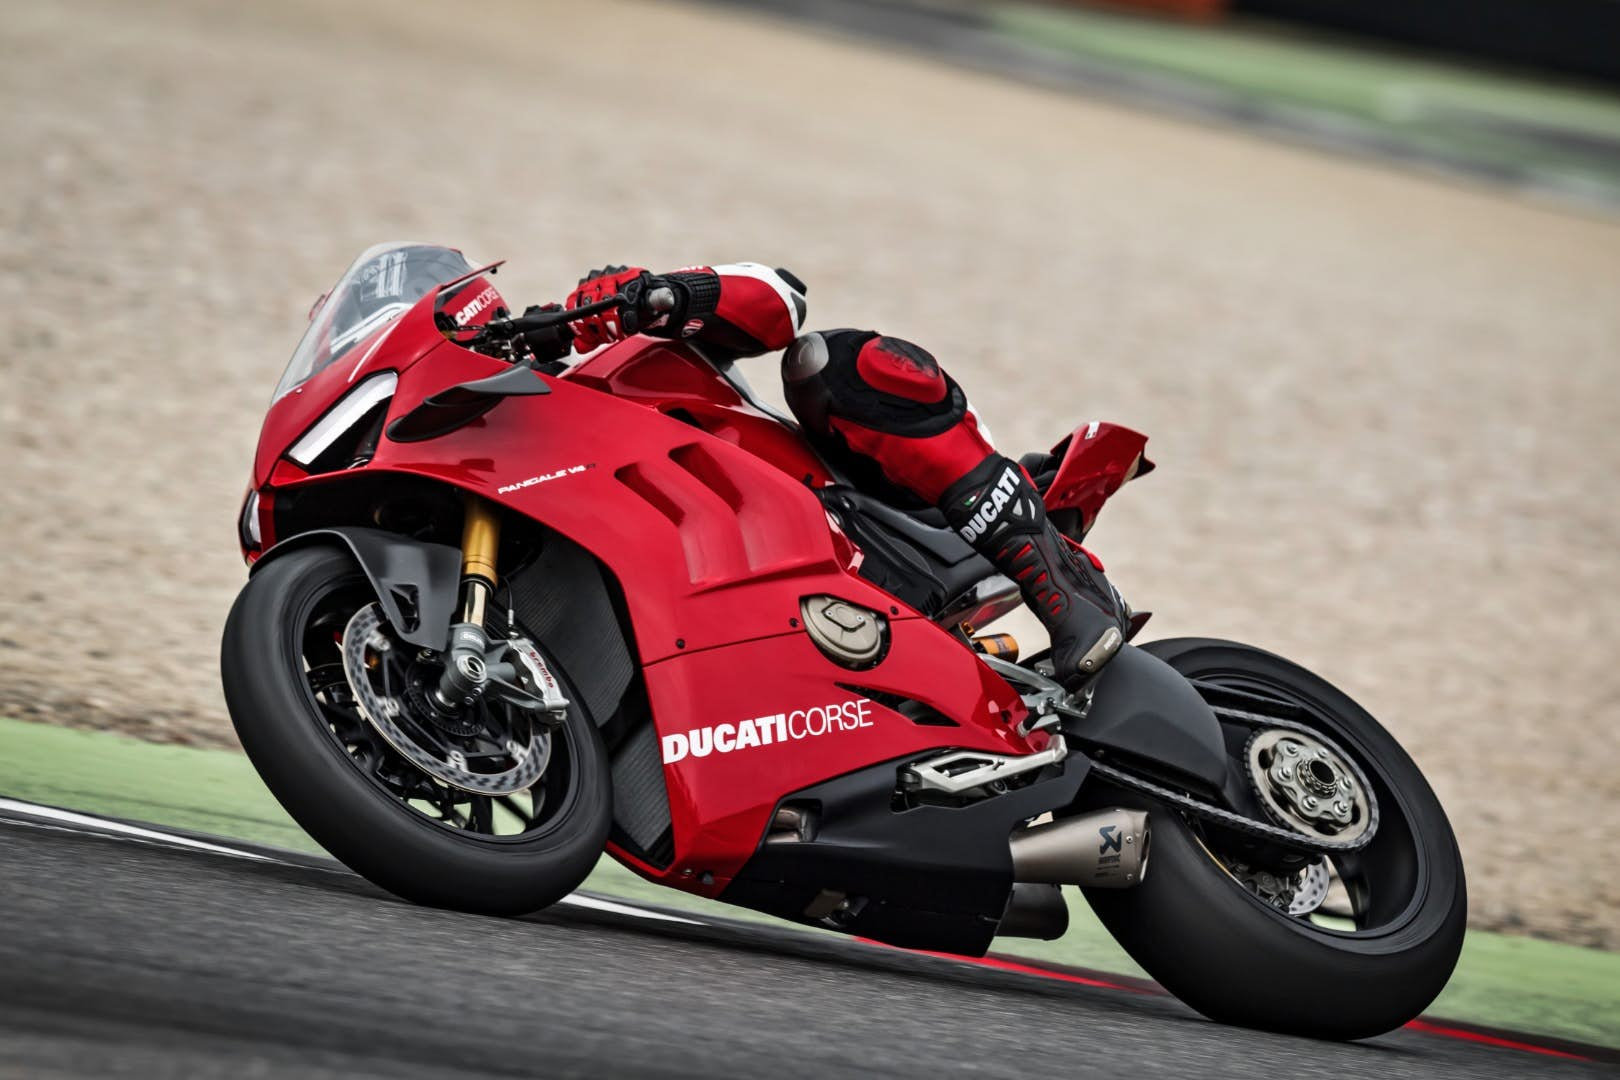 motores V4 motos